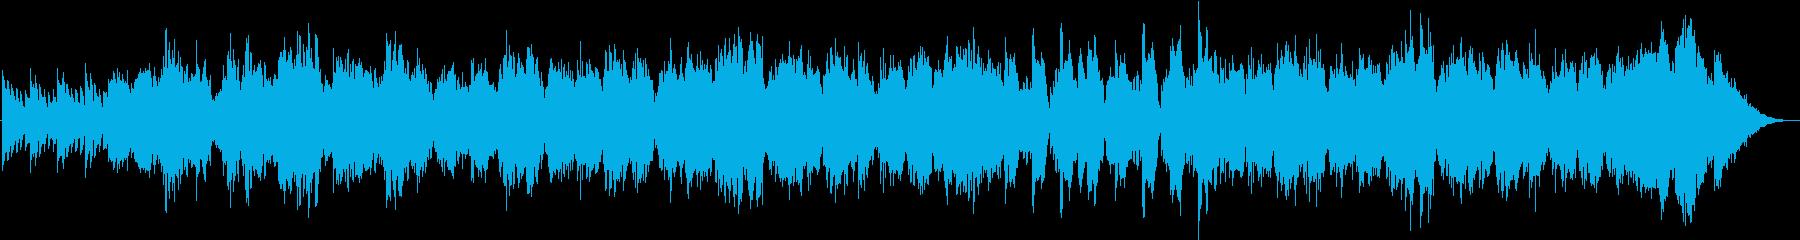 ストリングスのゆったりしたリラックス曲の再生済みの波形